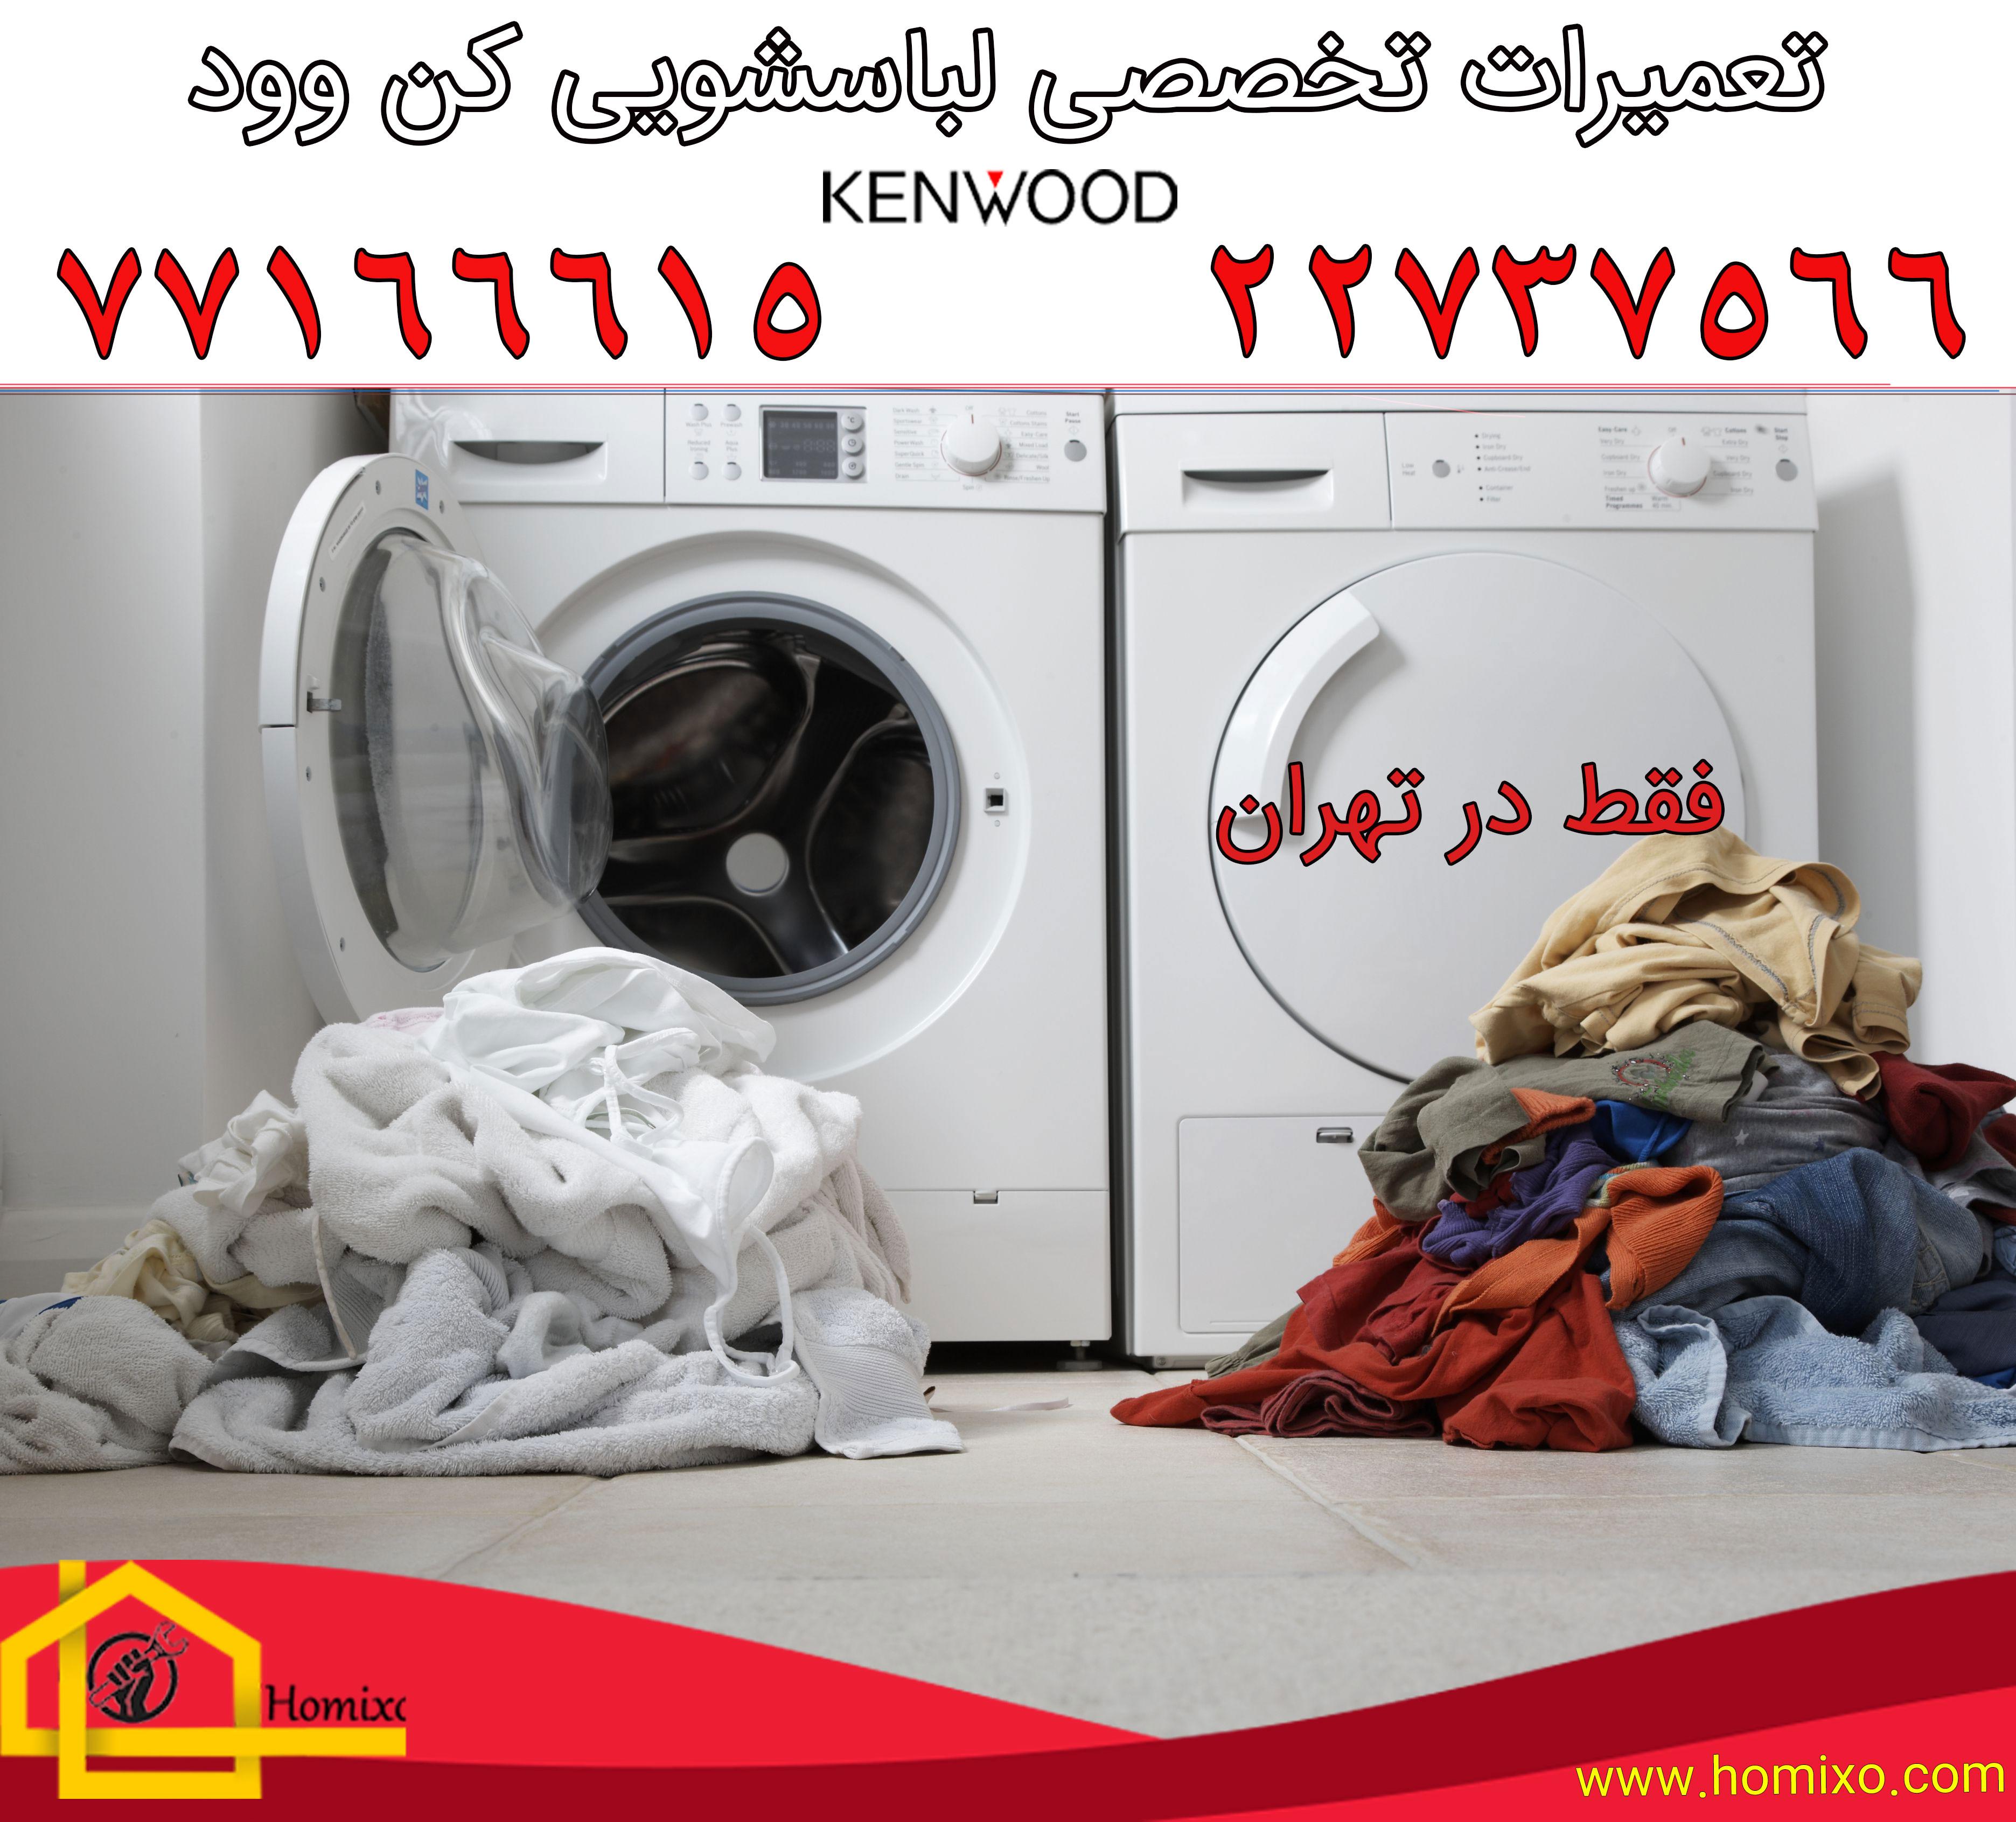 تعمیرات لباسشویی کن وود